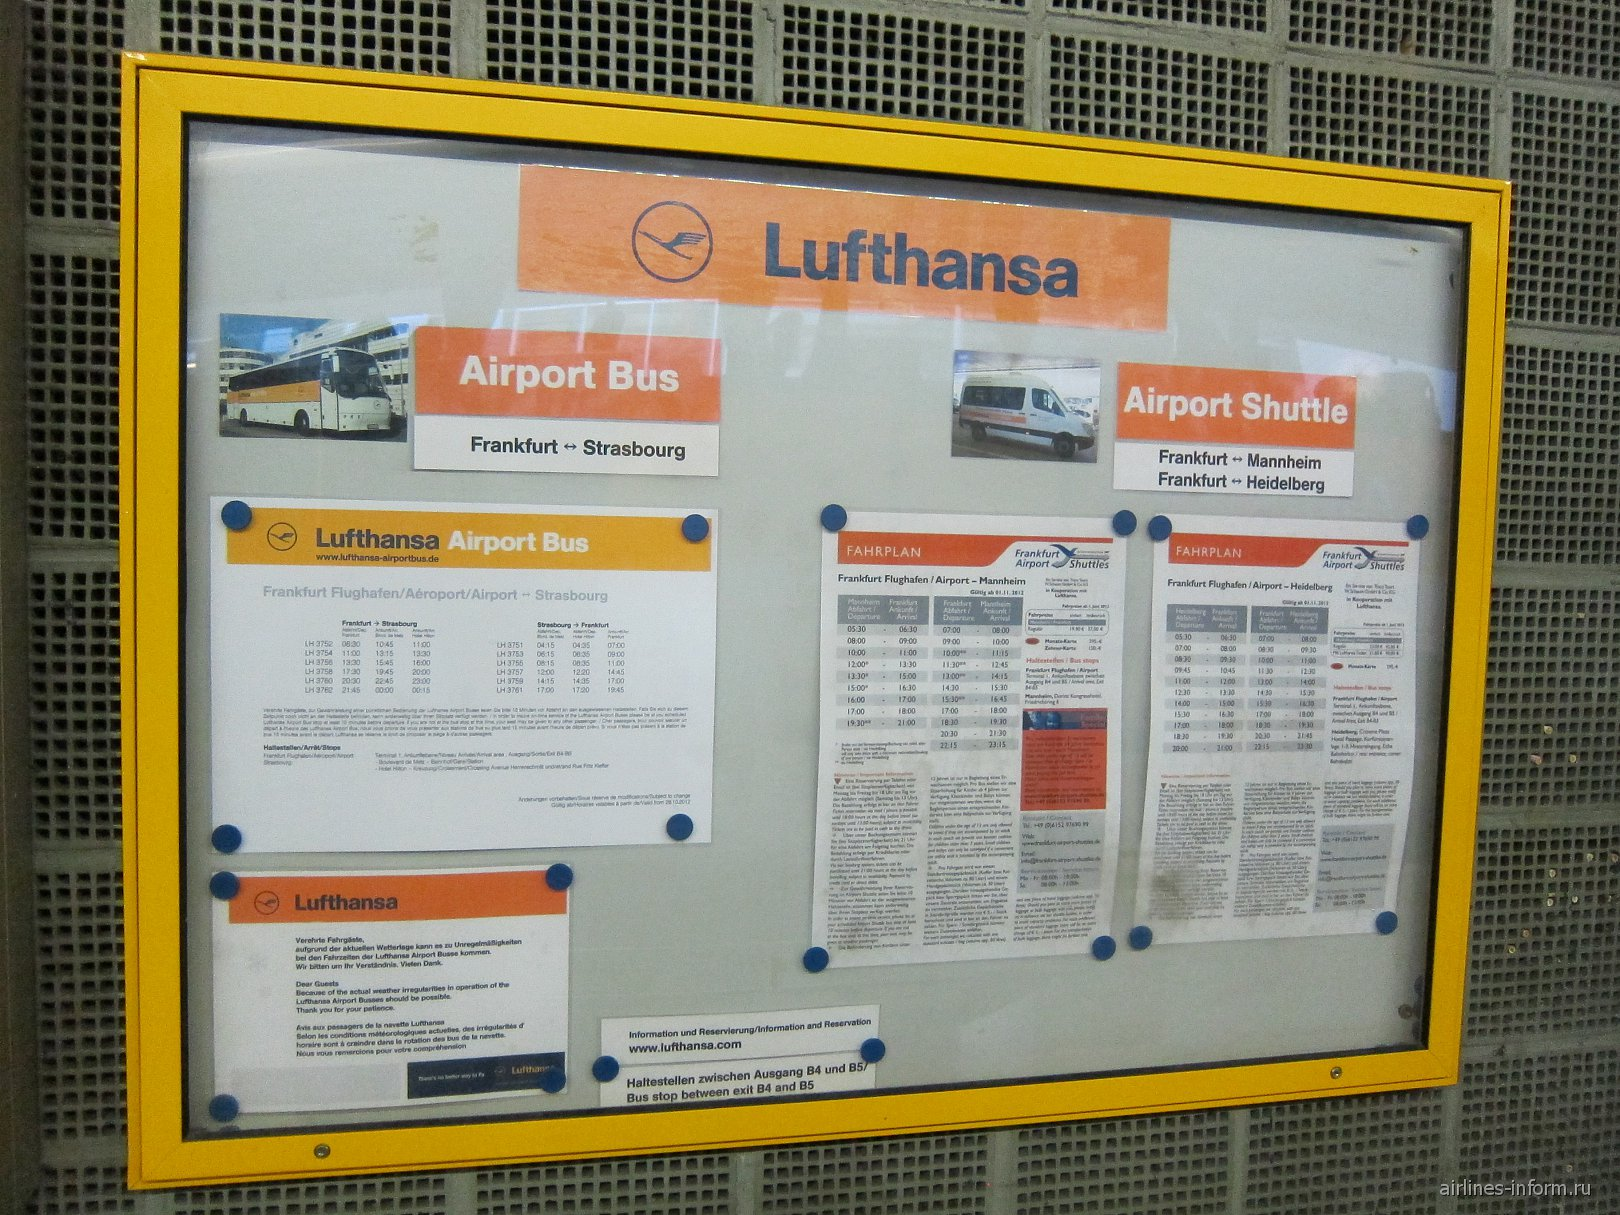 происхождение автобус из франкфурта аэропорта до старасбурга зуд